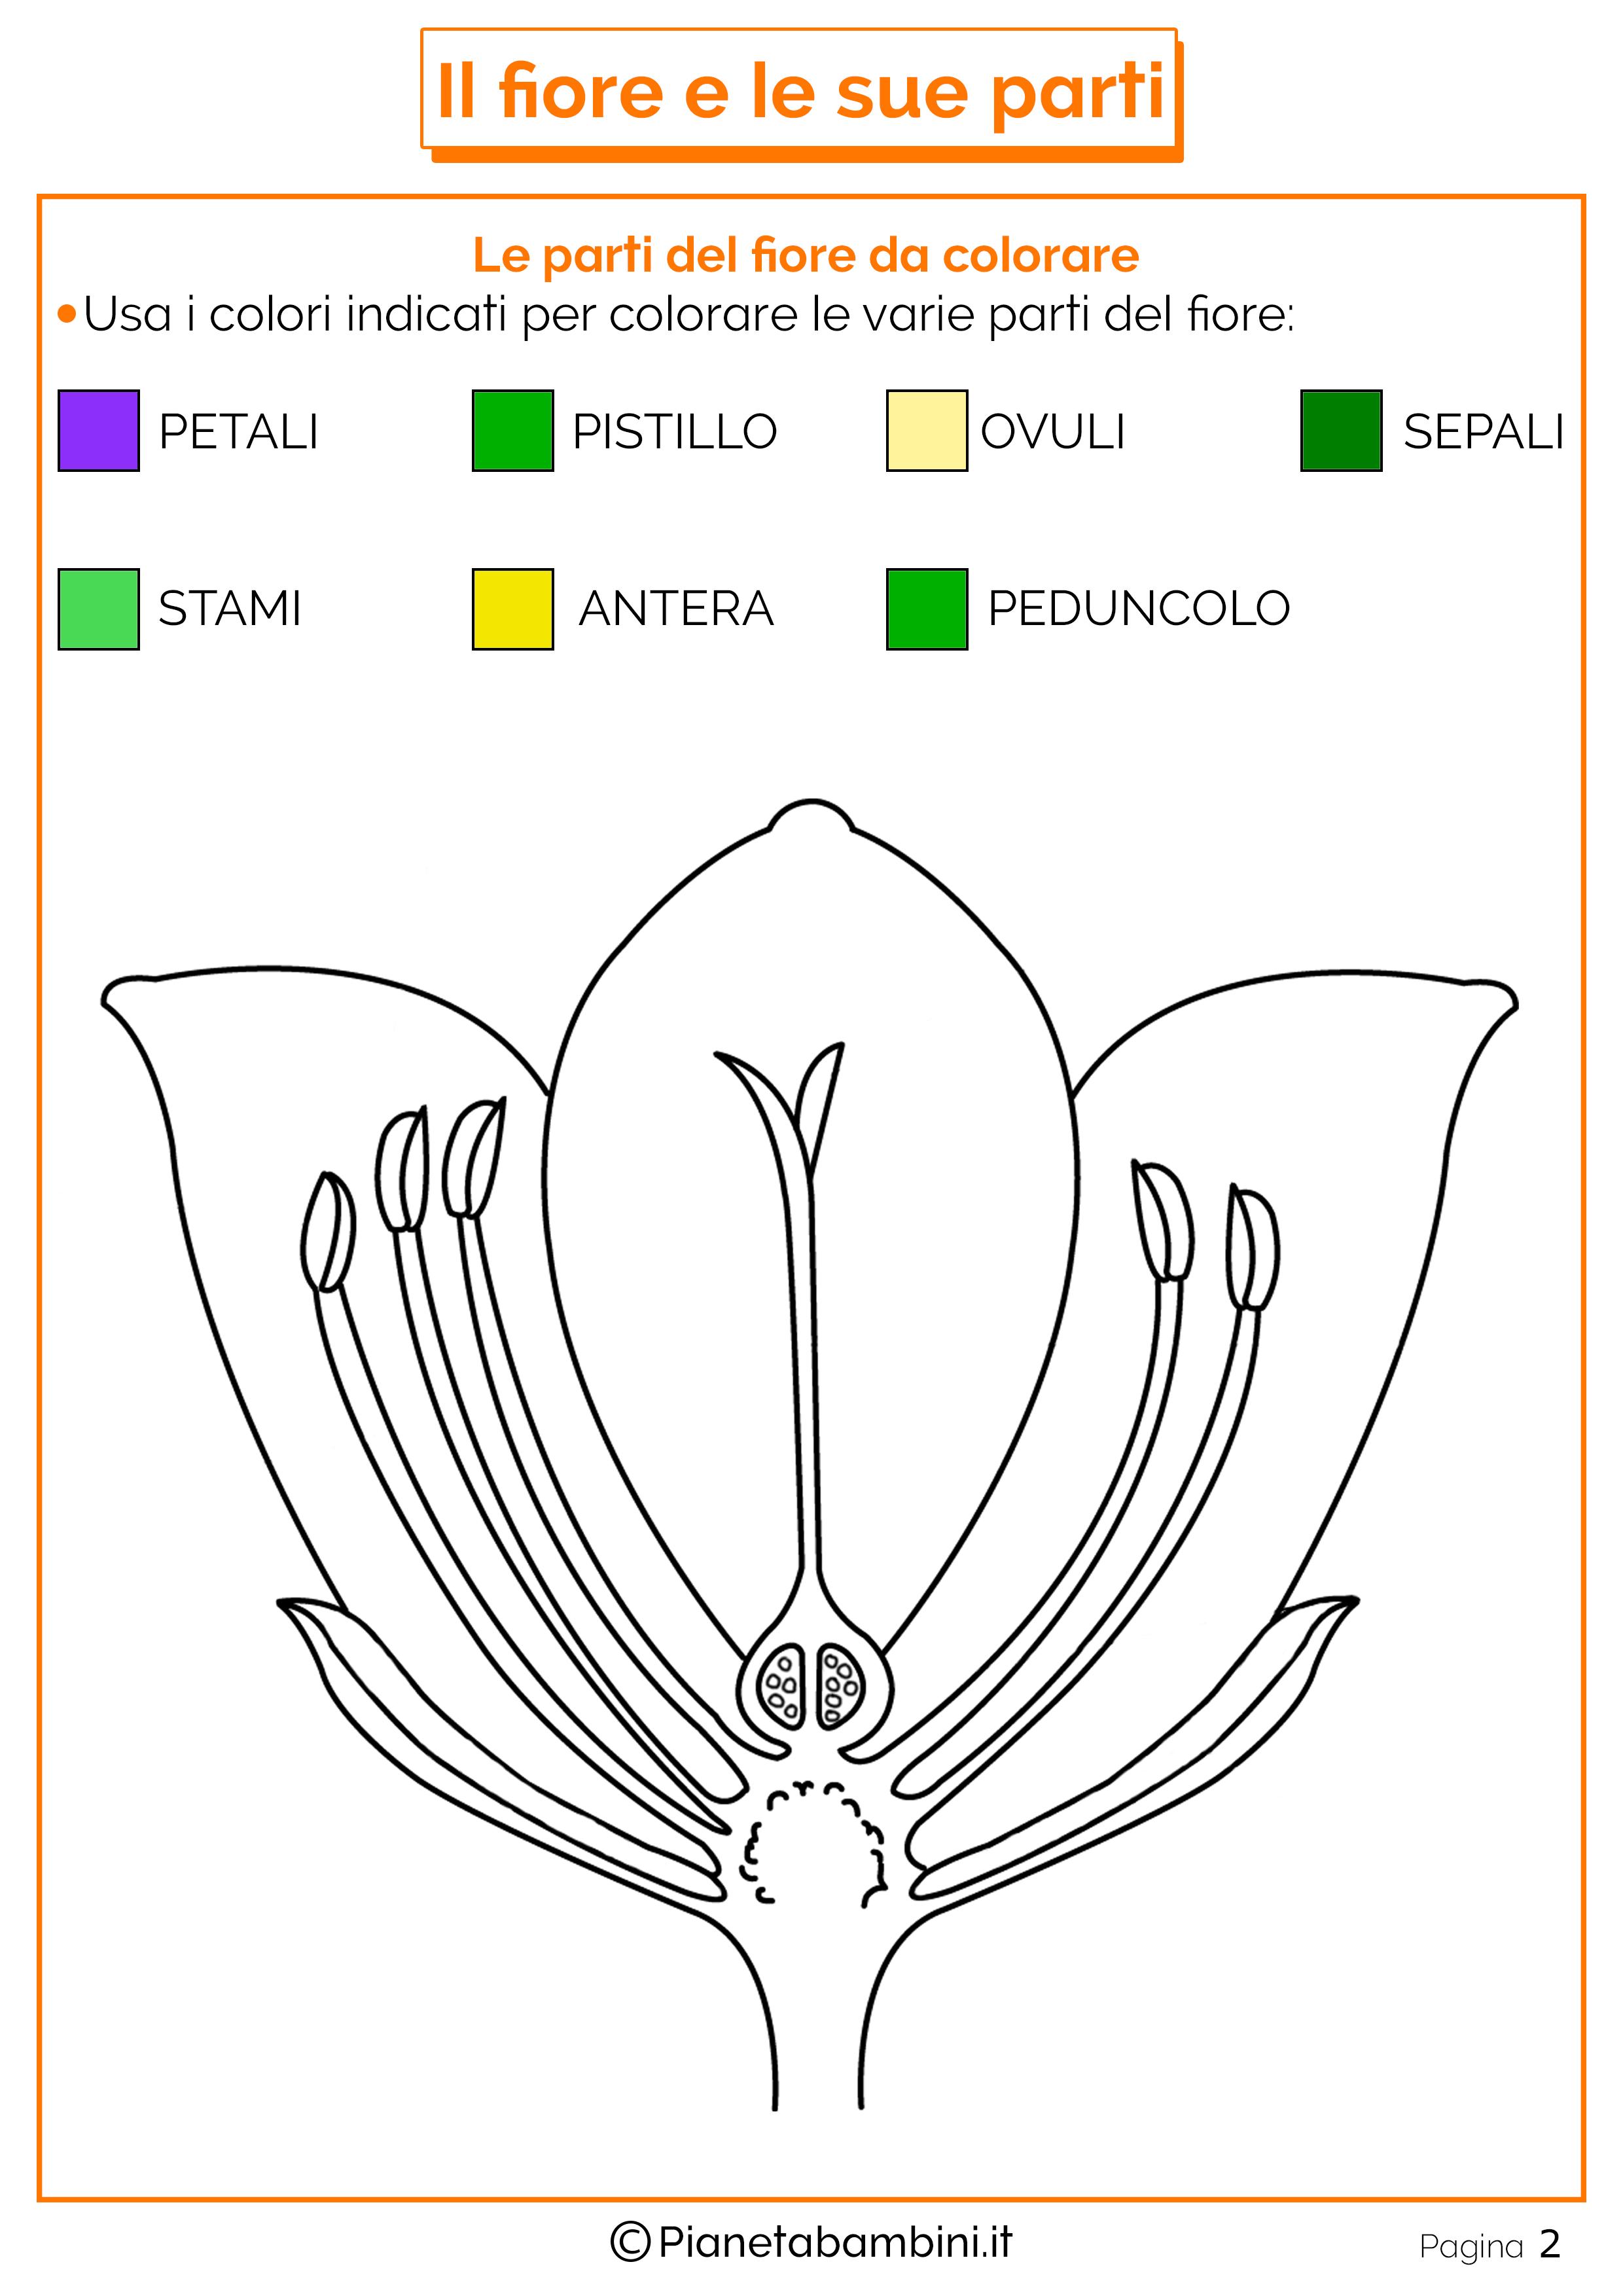 Le parti del fiore schede didattiche per la scuola - Parti del letto ...